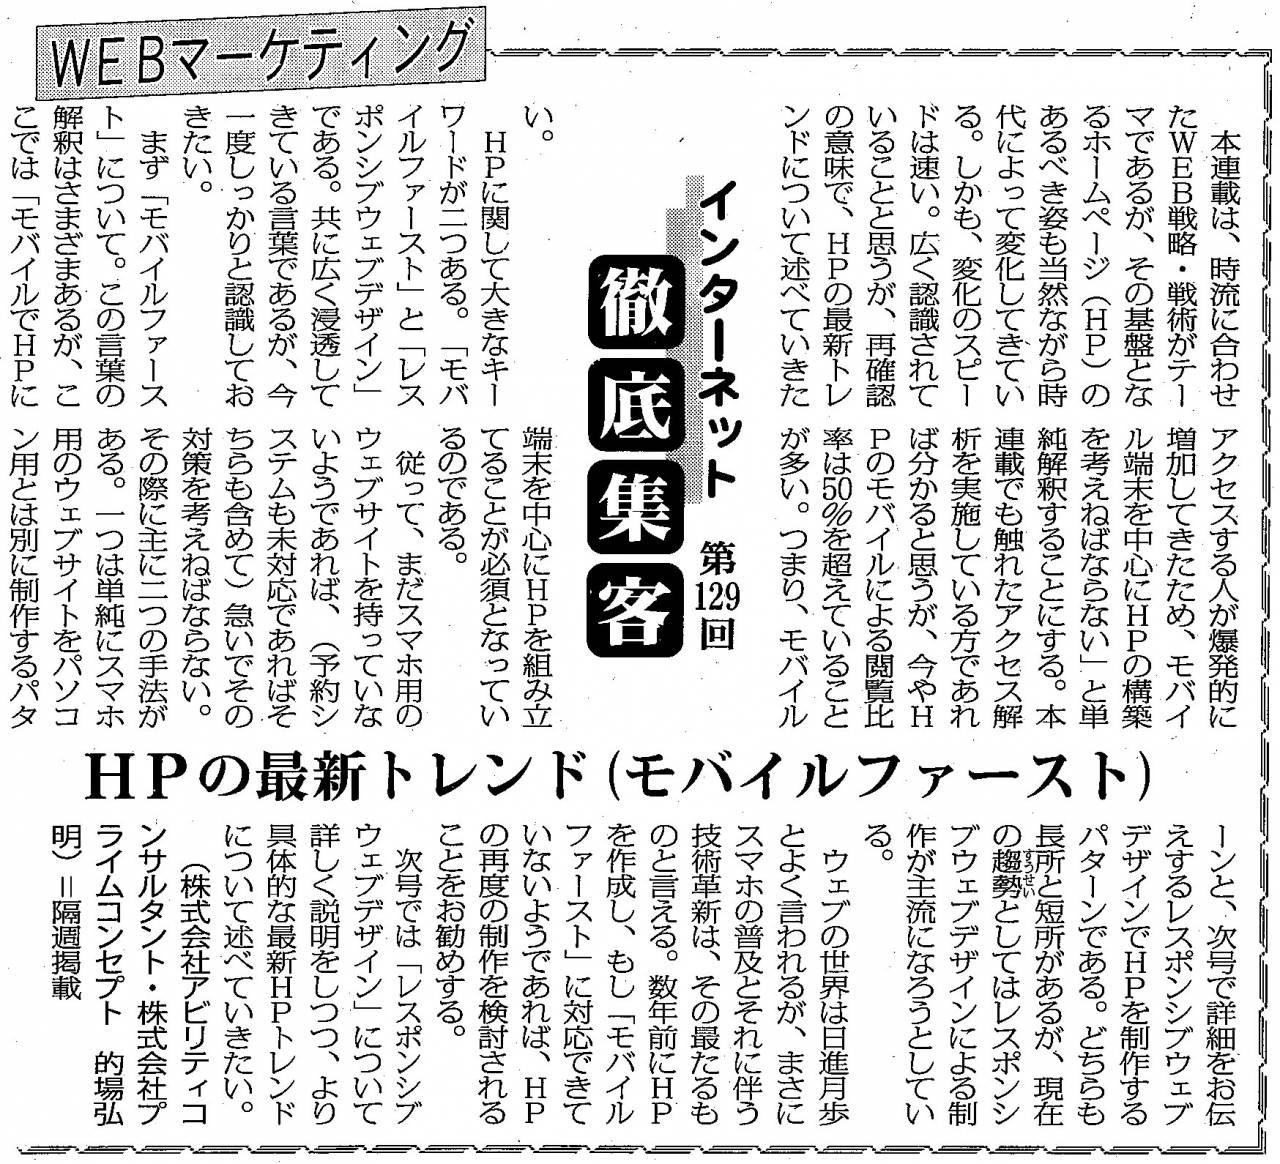 【第129回】WEBマーケティング HPの最新トレンド(モバイルファースト)